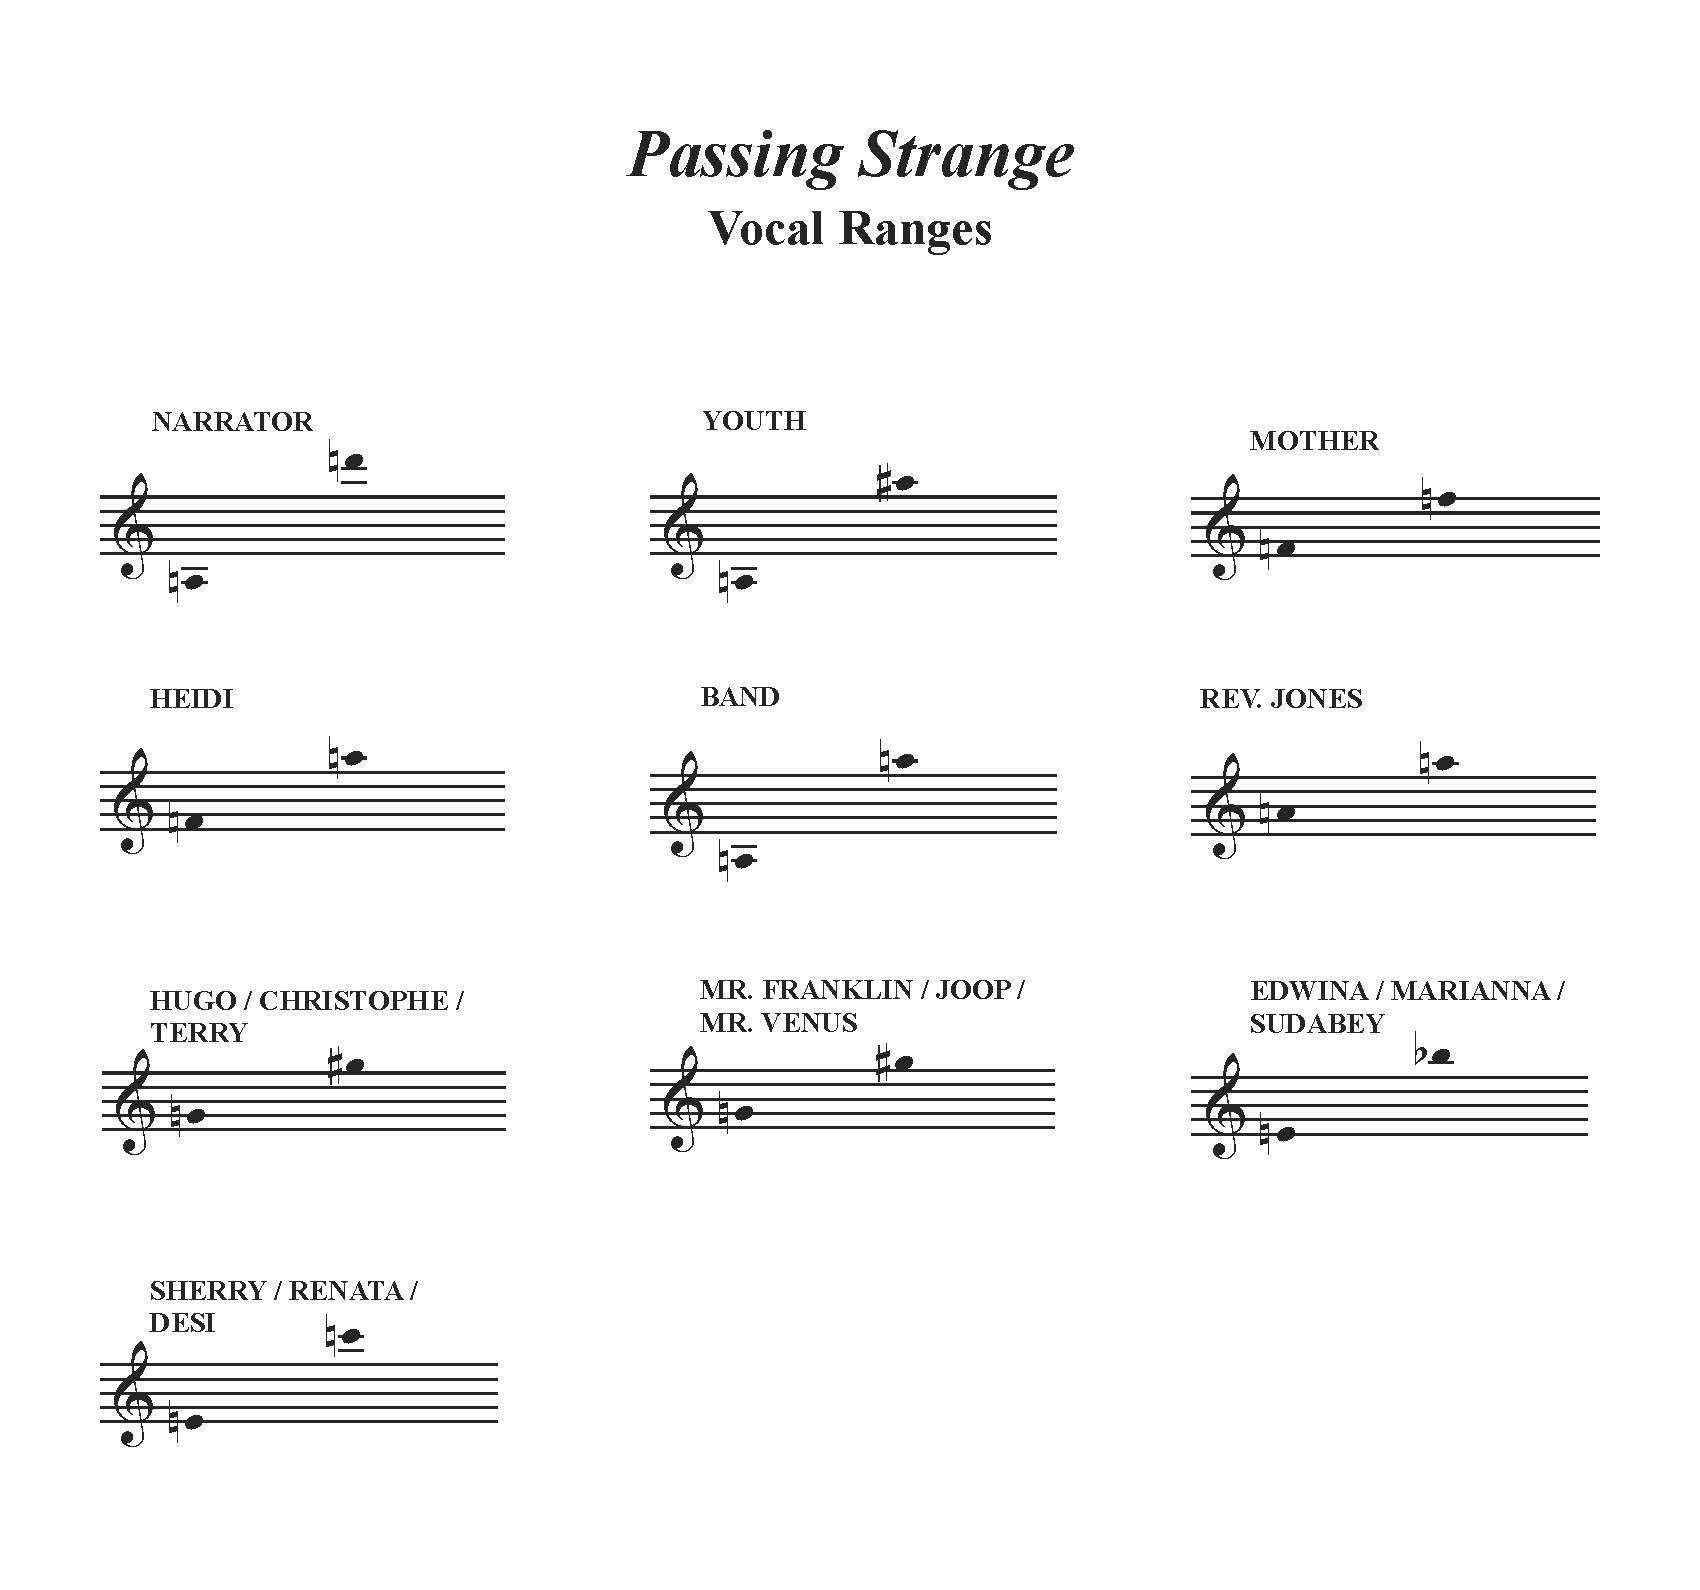 Passing Strange Vocal Ranges